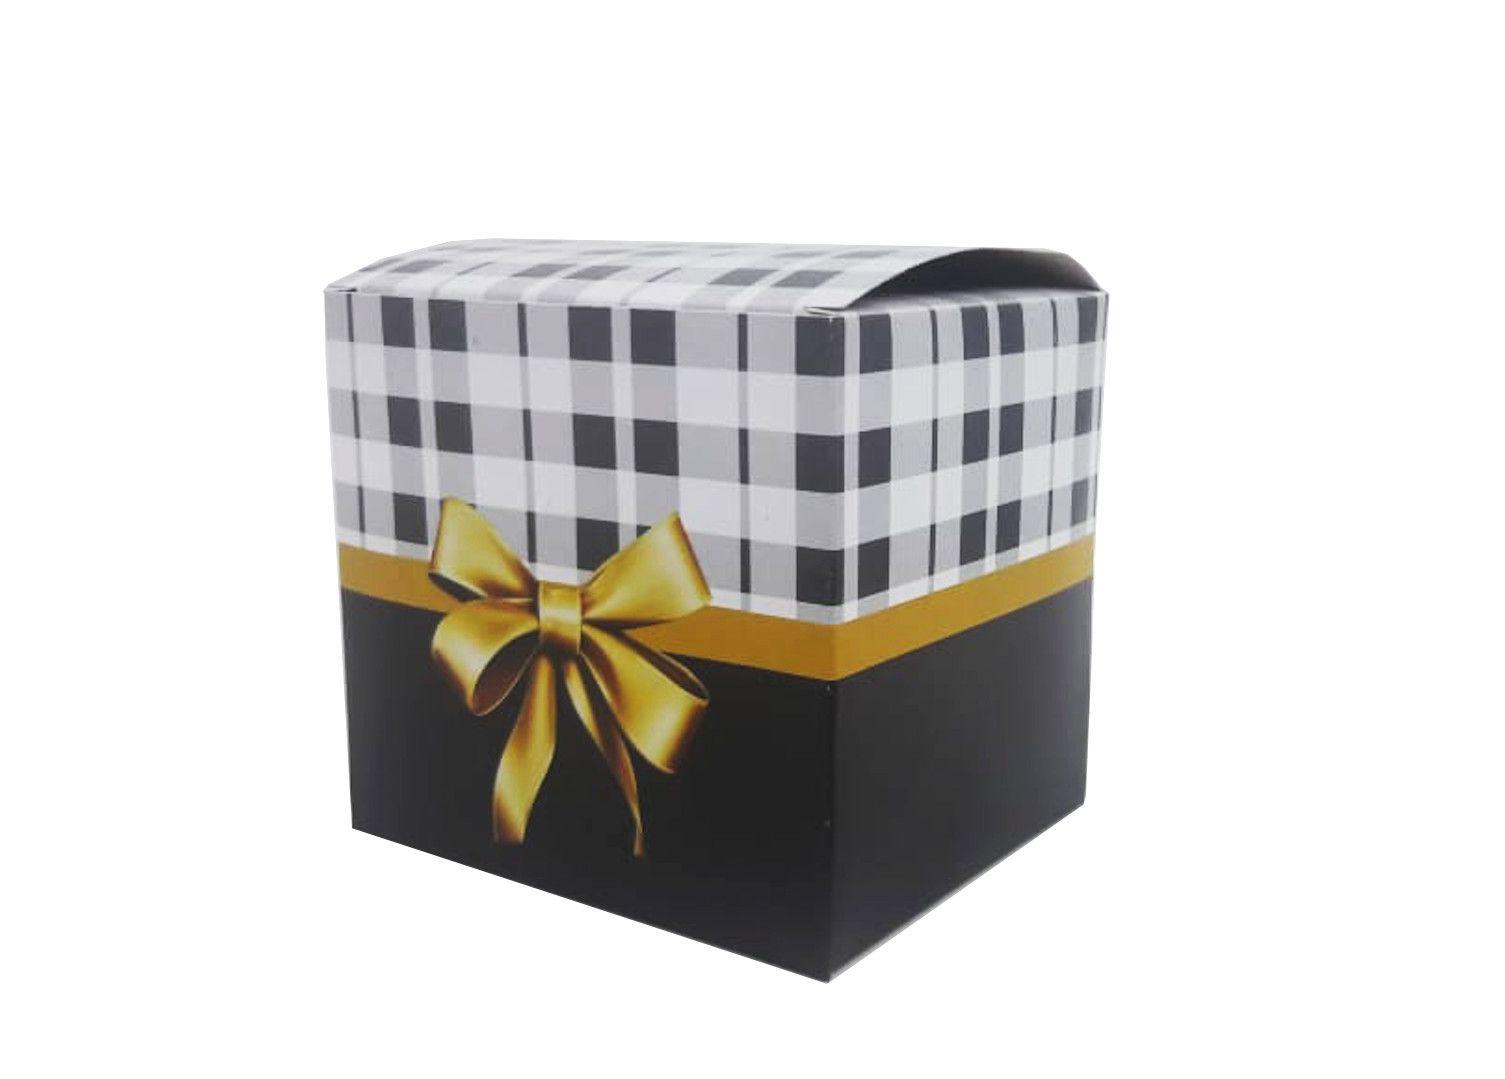 Caixa para caneca xadrez M2 - pacote com 10 unidades